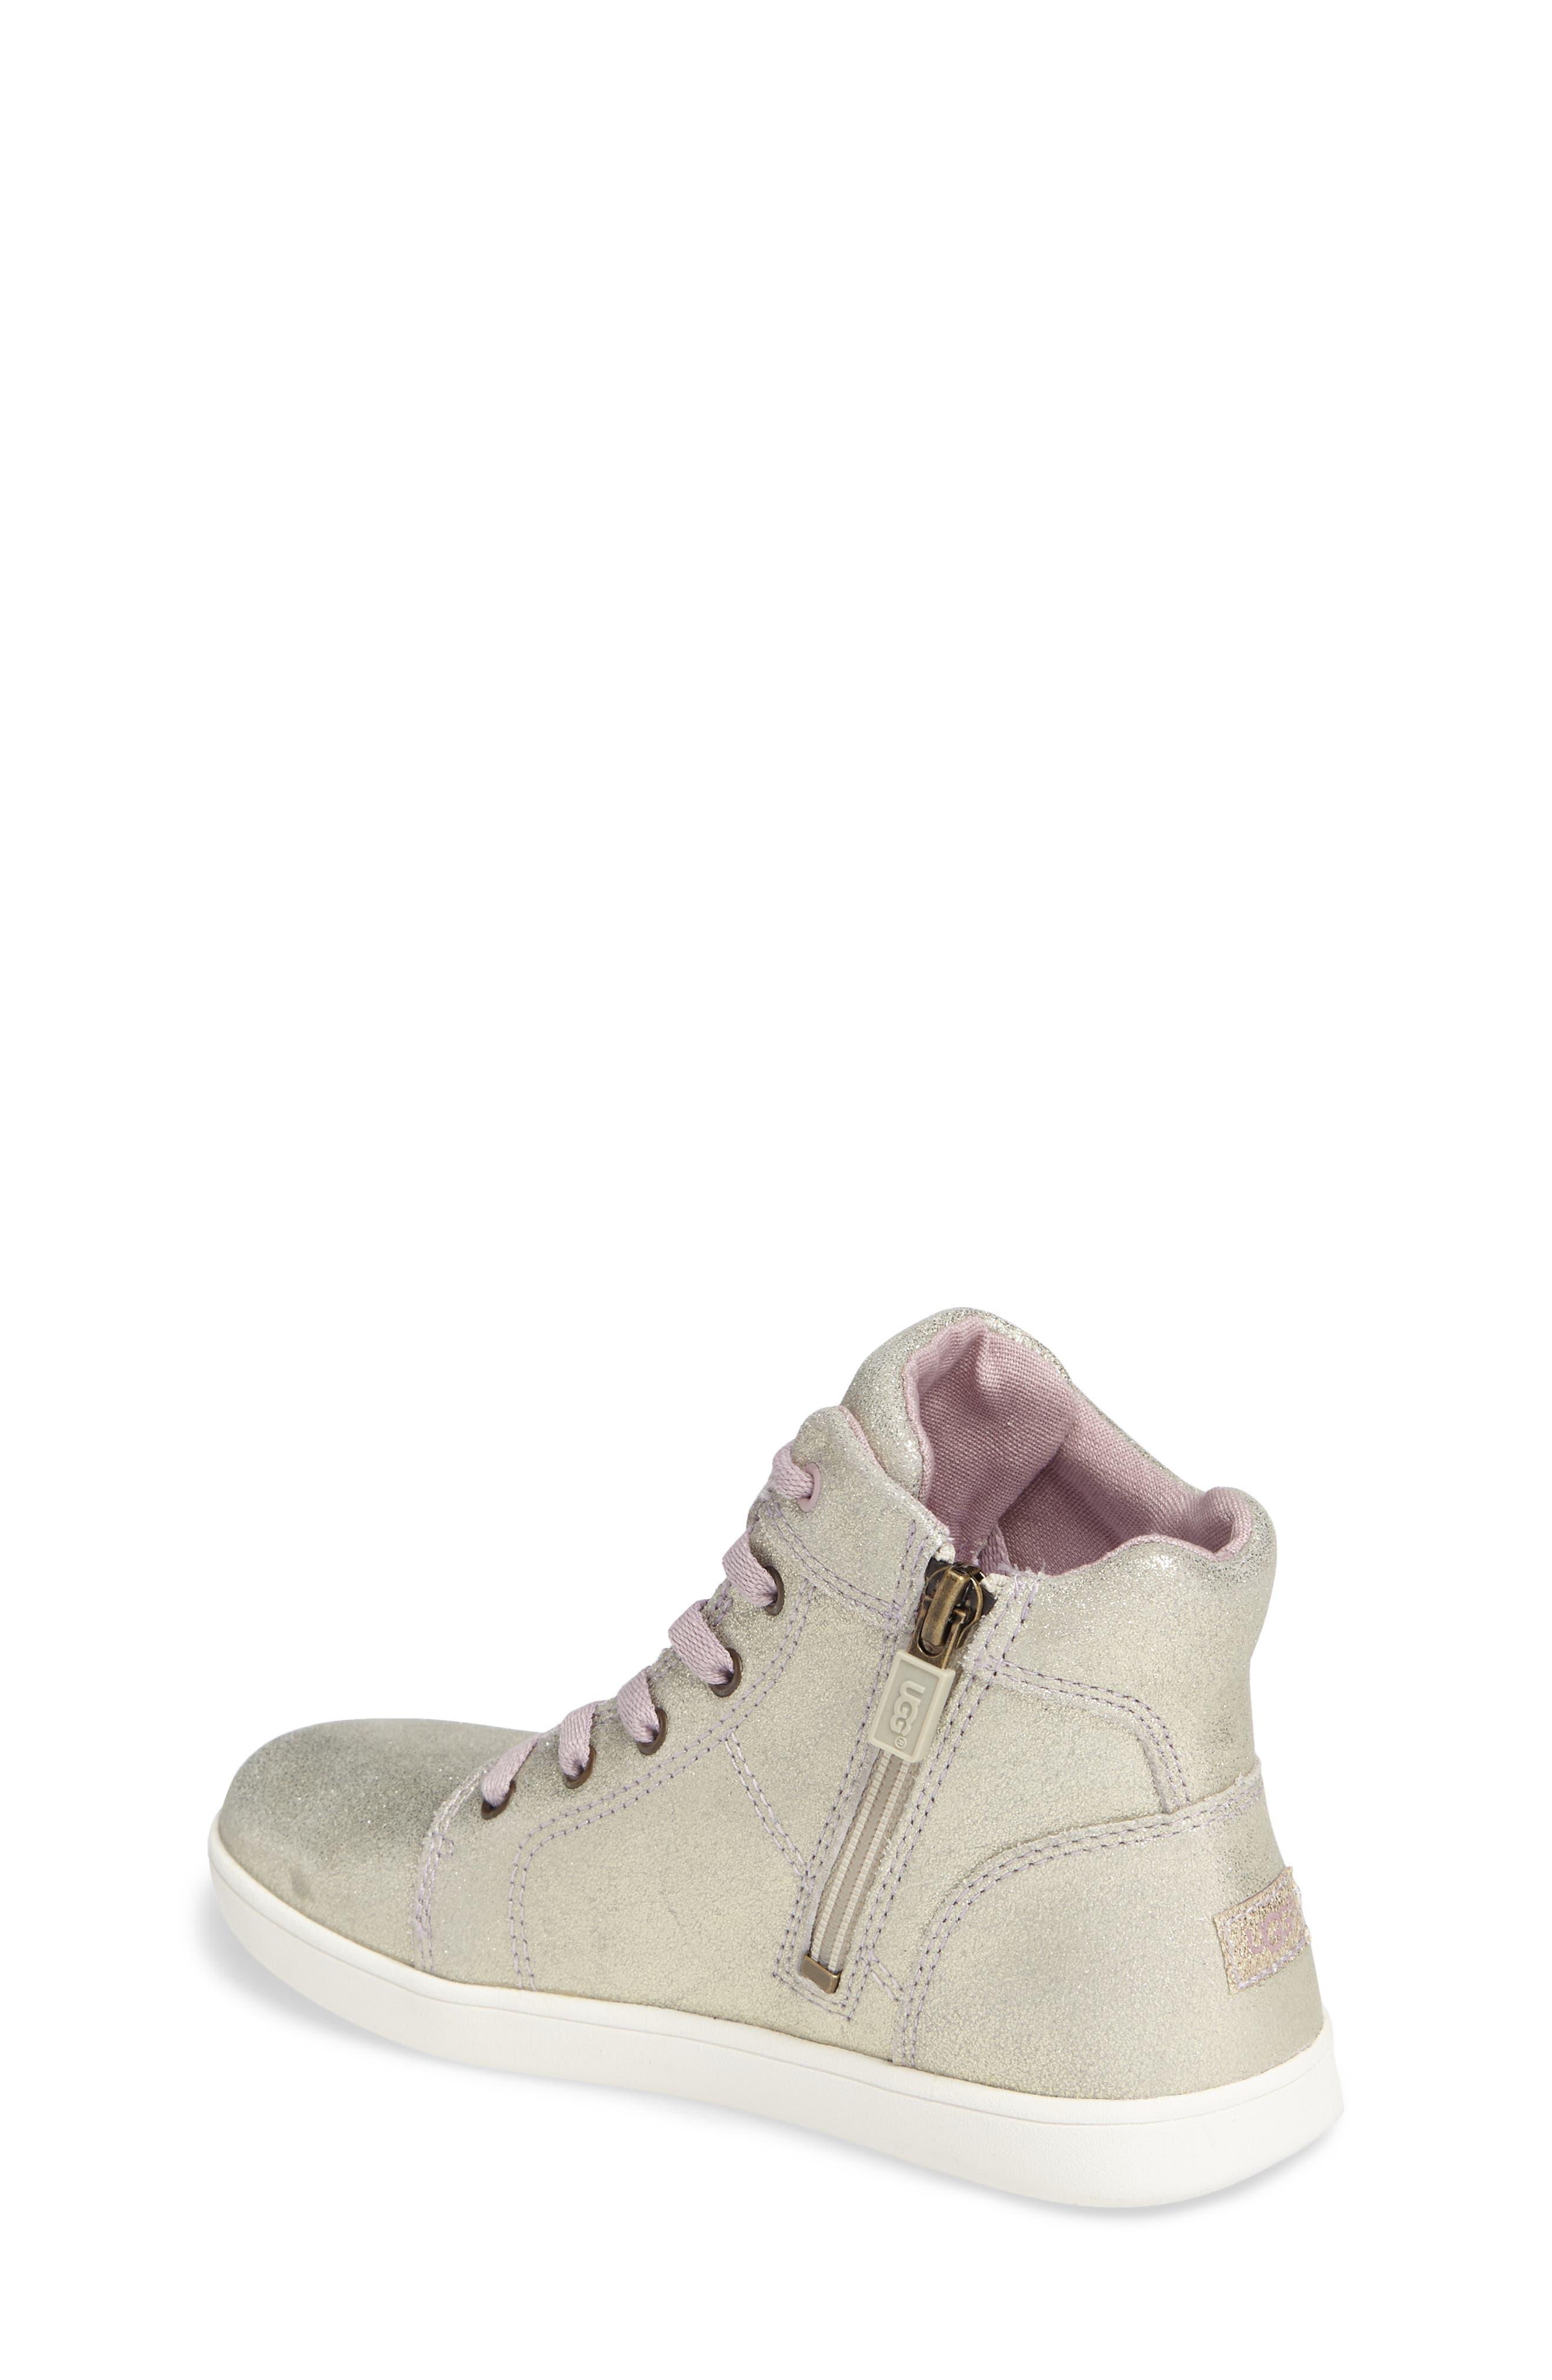 Schyler Metallic High Top Sneaker,                             Alternate thumbnail 2, color,                             Gold